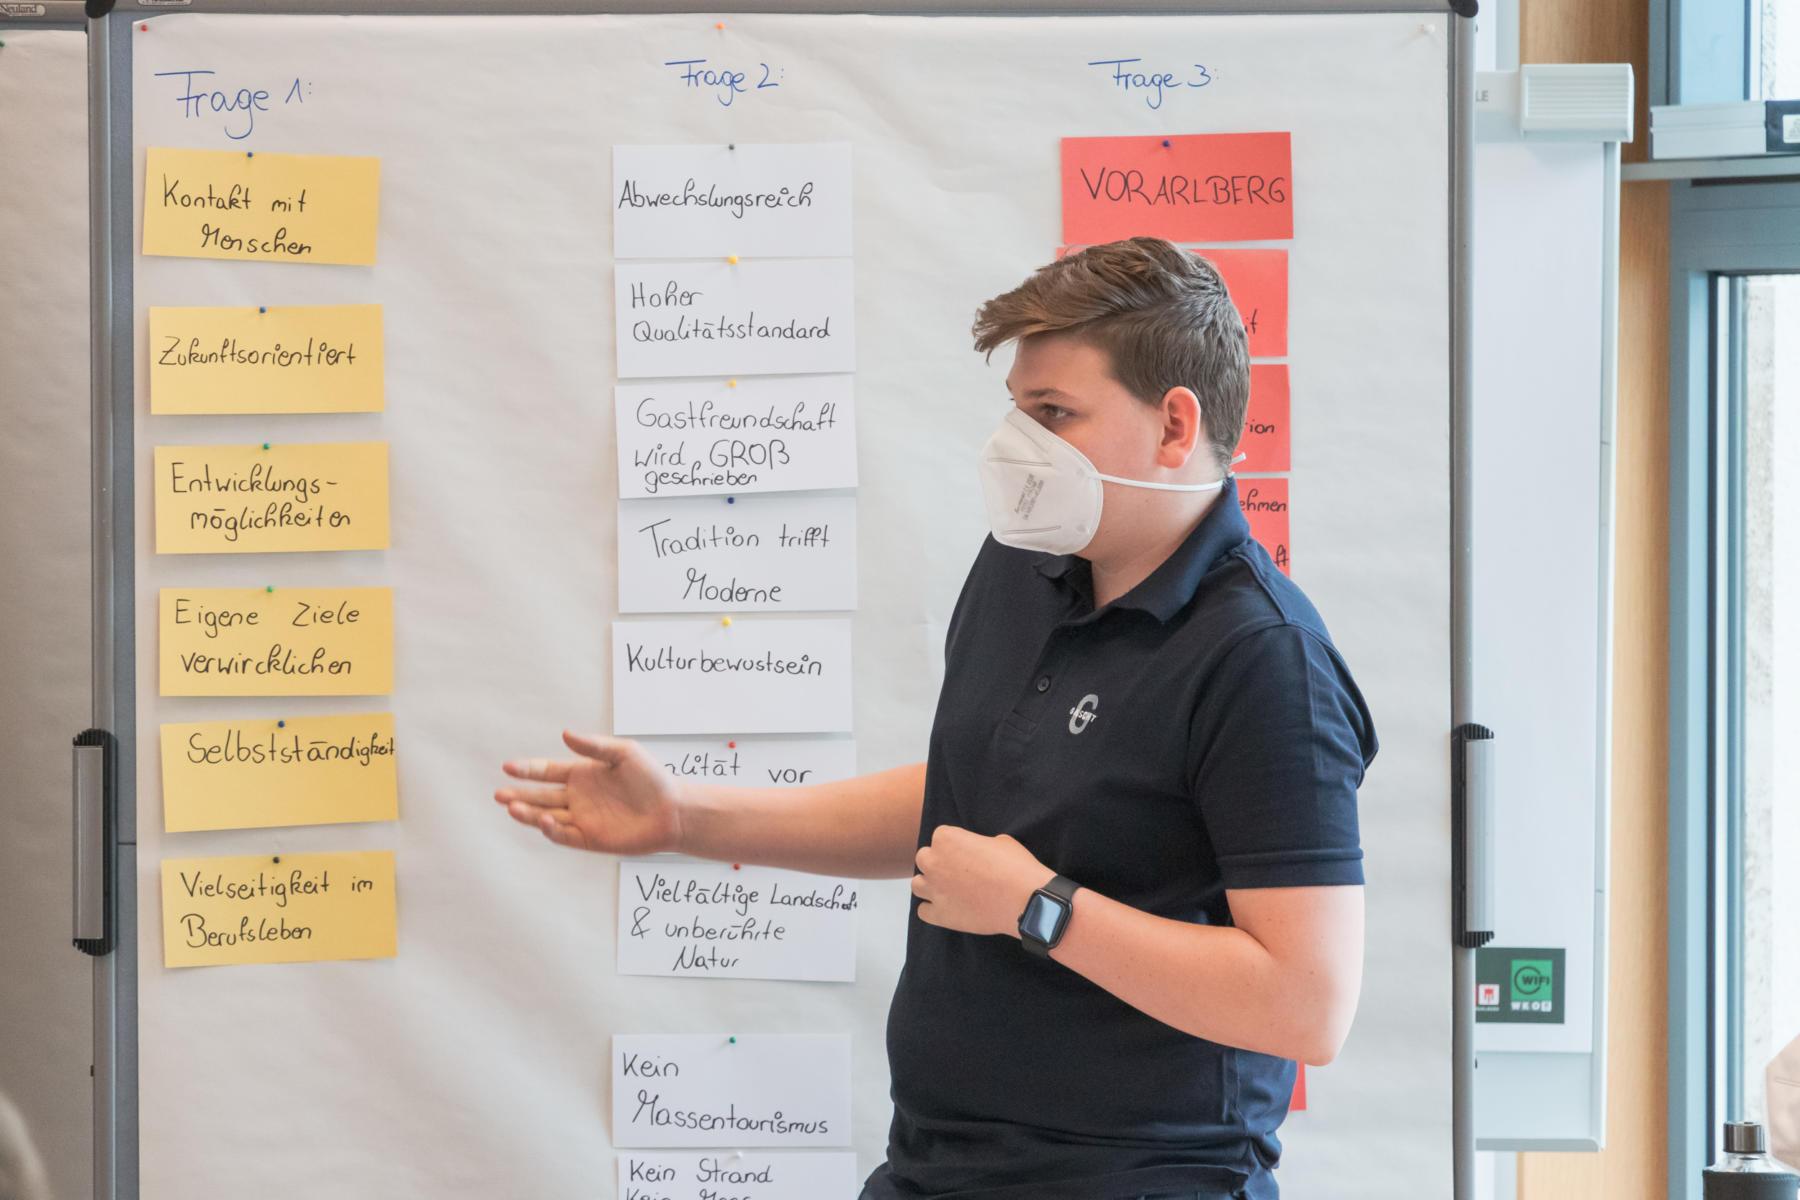 vorarlberg tourismus workshop 12 1800x1200 - Spannende Fokusgruppen und Fach-Workshops zur Evaluierung der bisherigen Tourismusstrategie